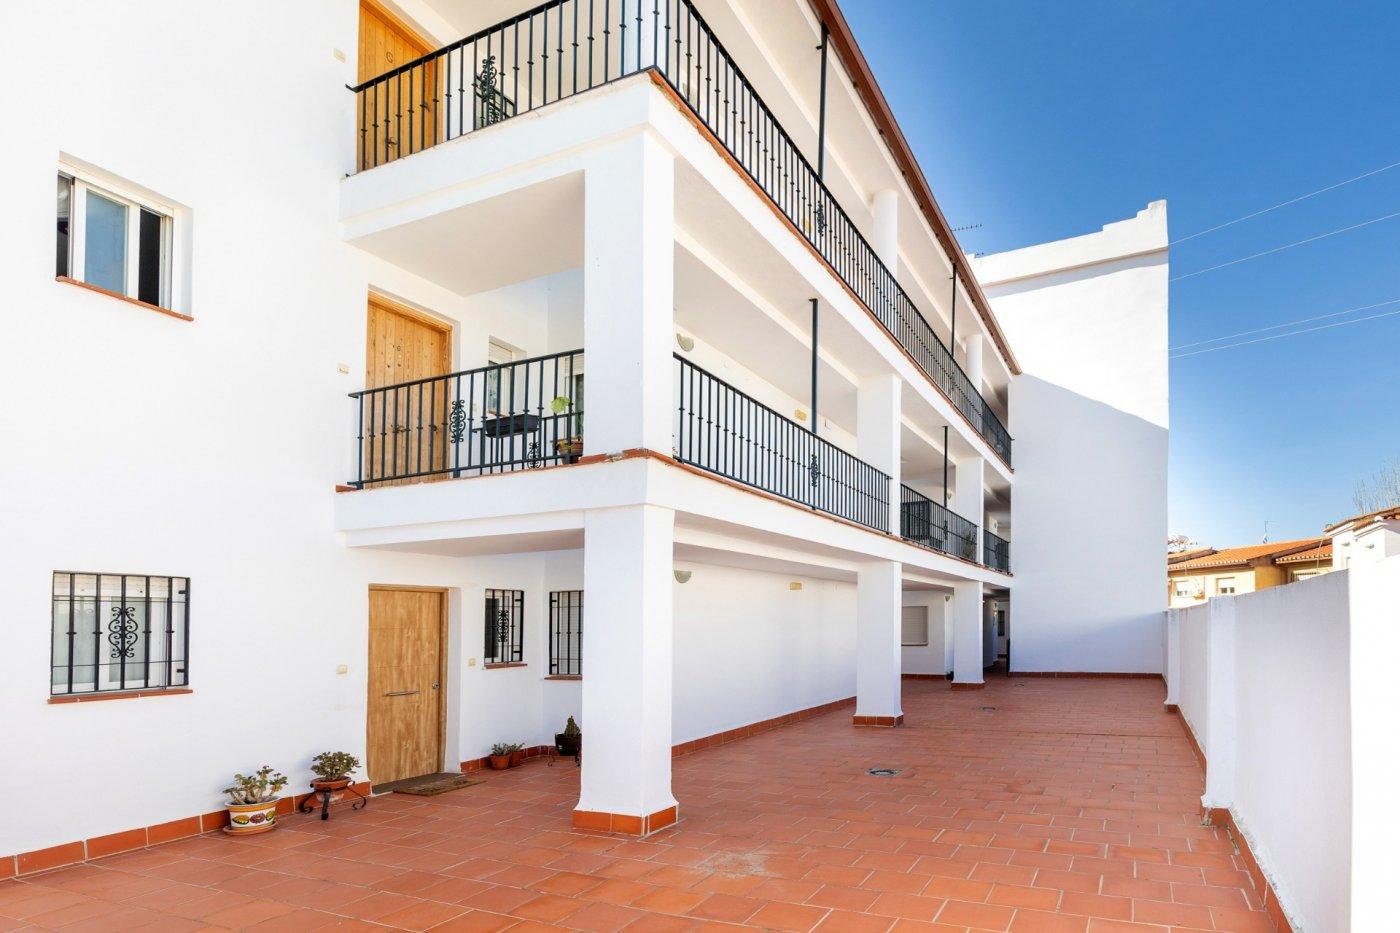 Maravilloso piso de 3 dormitorios con ascensor y garaje listo para entrar a vivir¡¡